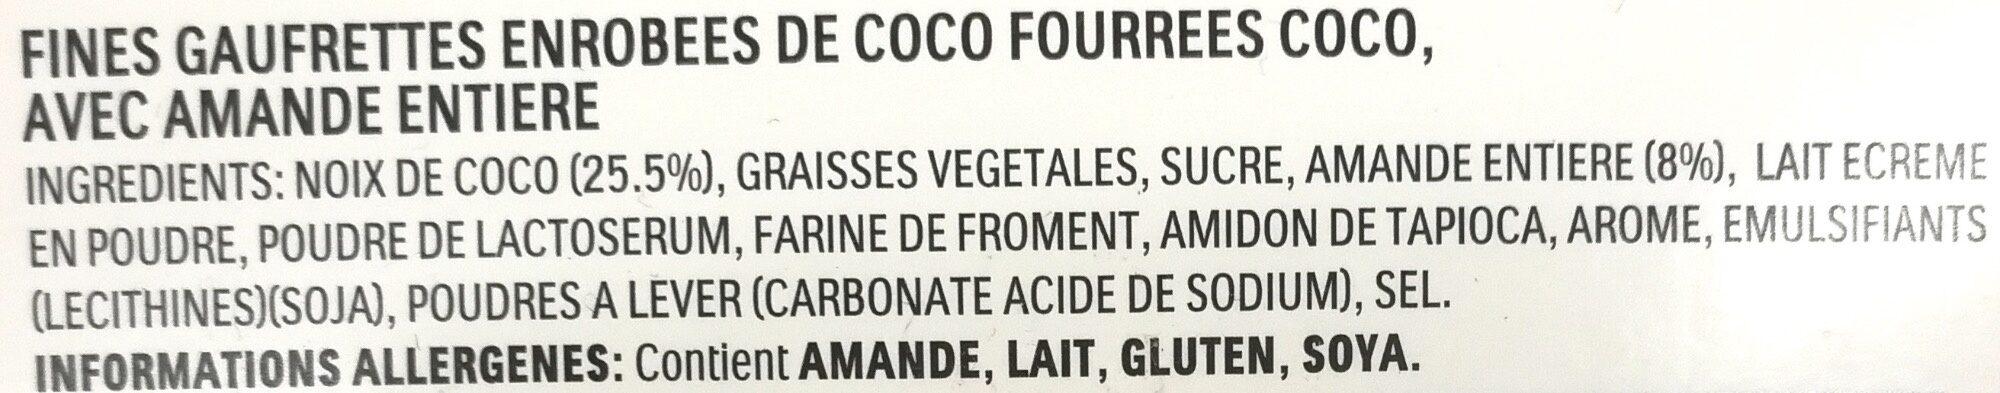 Fines gaufrettes enrobées de coco fourrées coco avec amande entière - Ingredients - fr